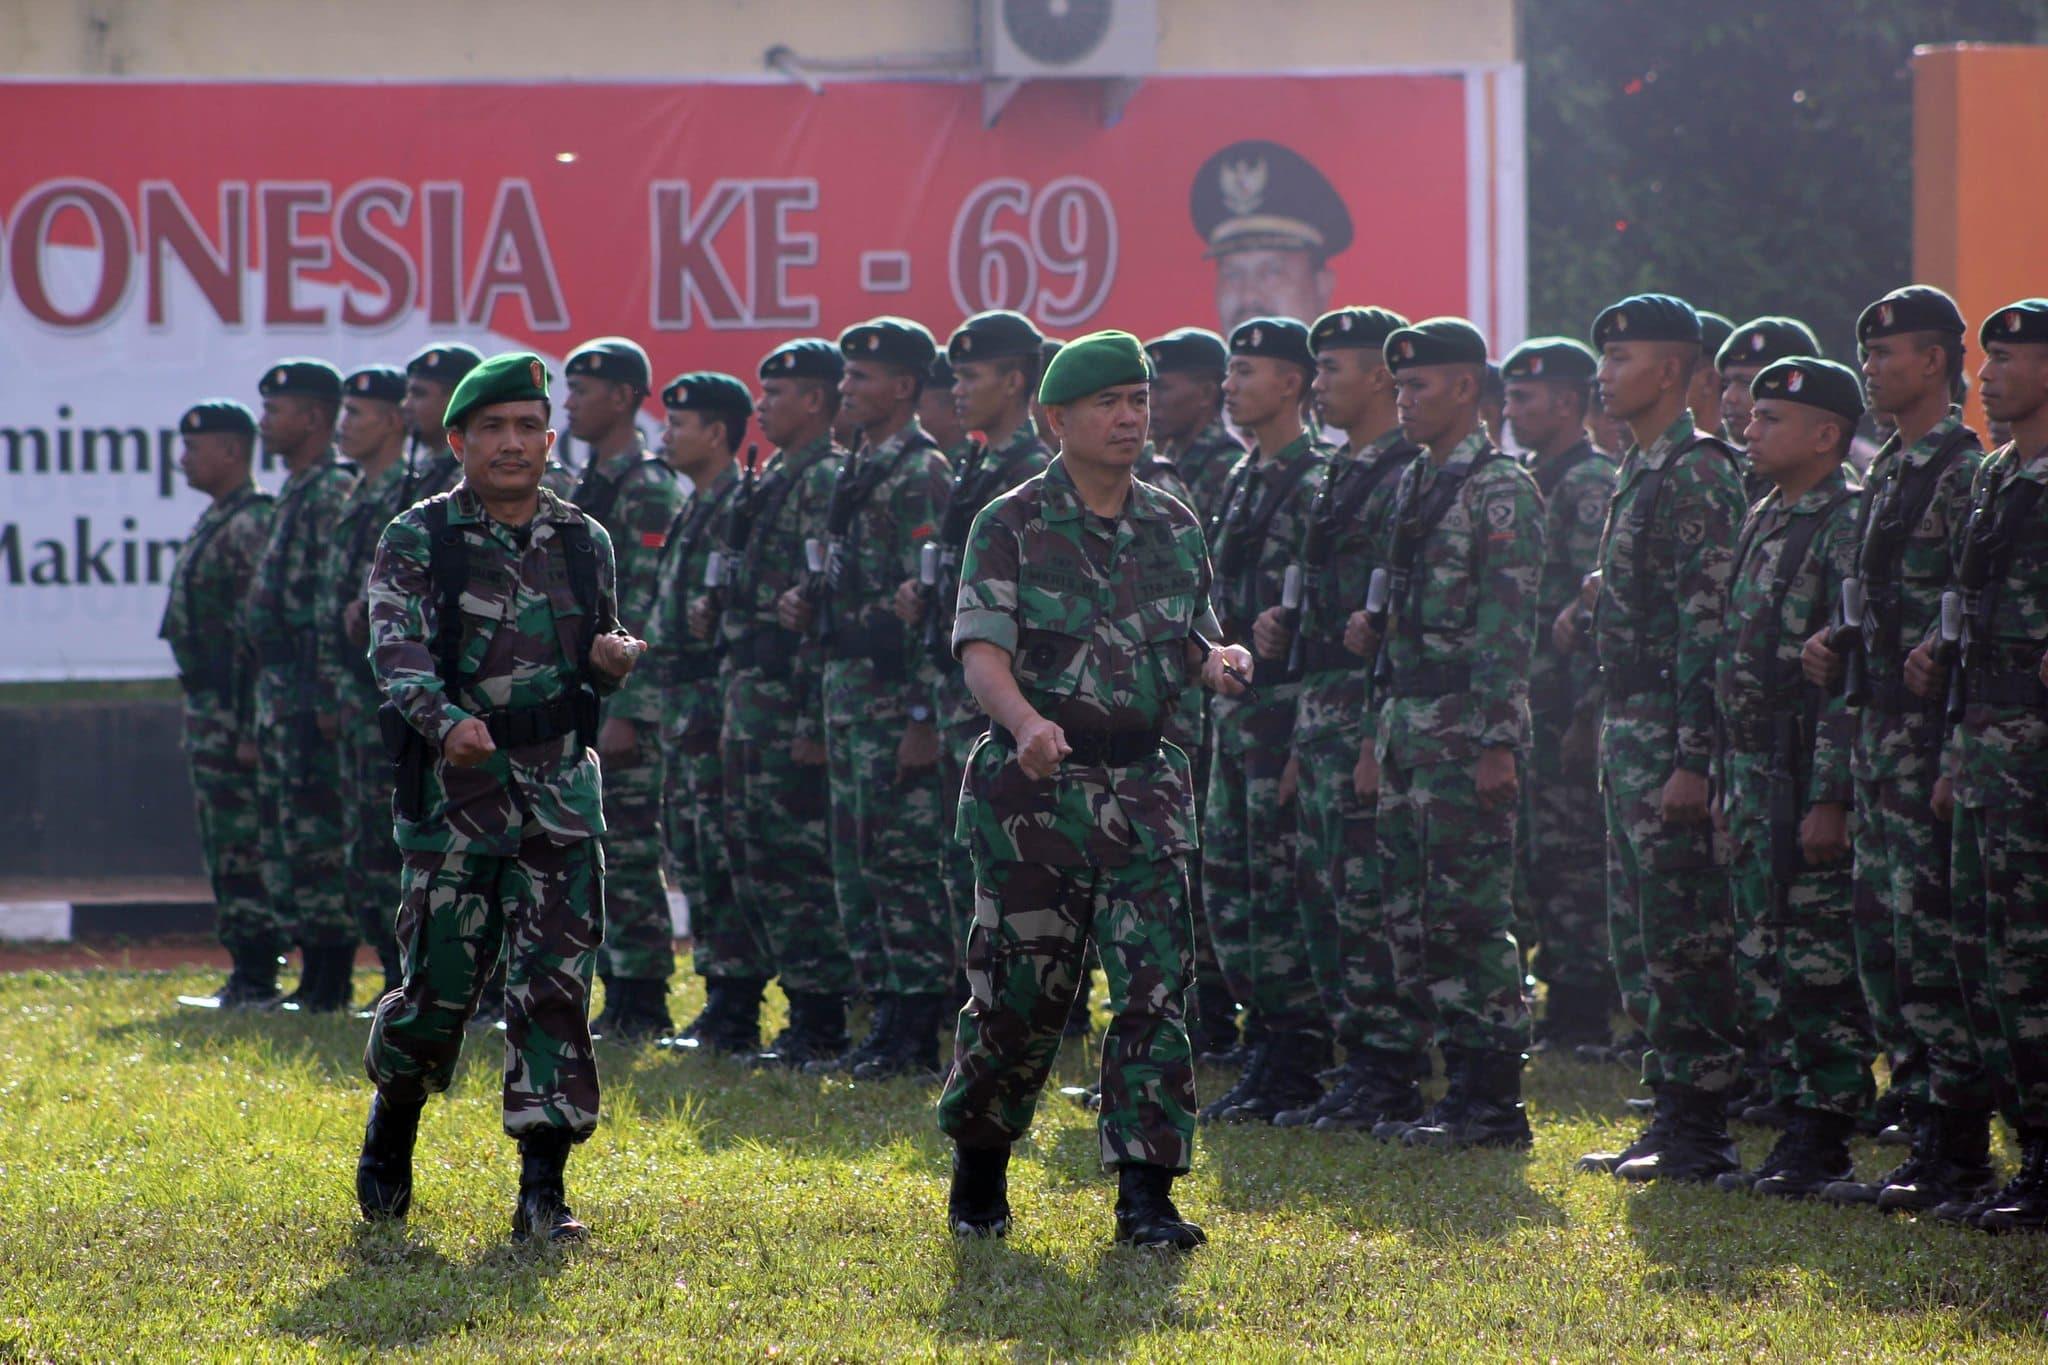 APEL GELAR PASUKAN TNI/POLRI DALAM RANGKA PENGUMUMAN HASIL MK MENGHADAPI PILPRES DAN WAPRES 2014